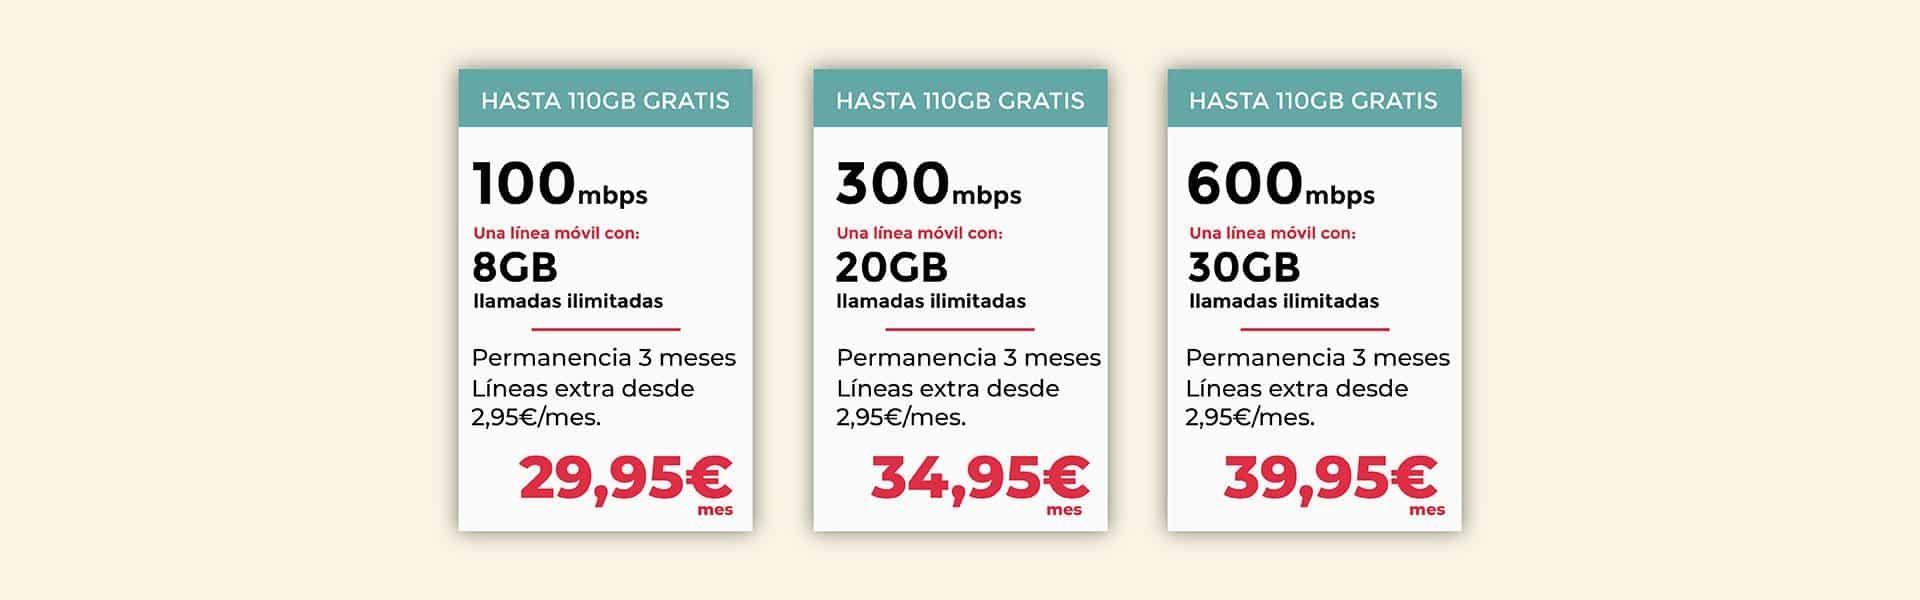 tarifas de fibra y móvil de Lowi hasta el 15 de agosto de 2021